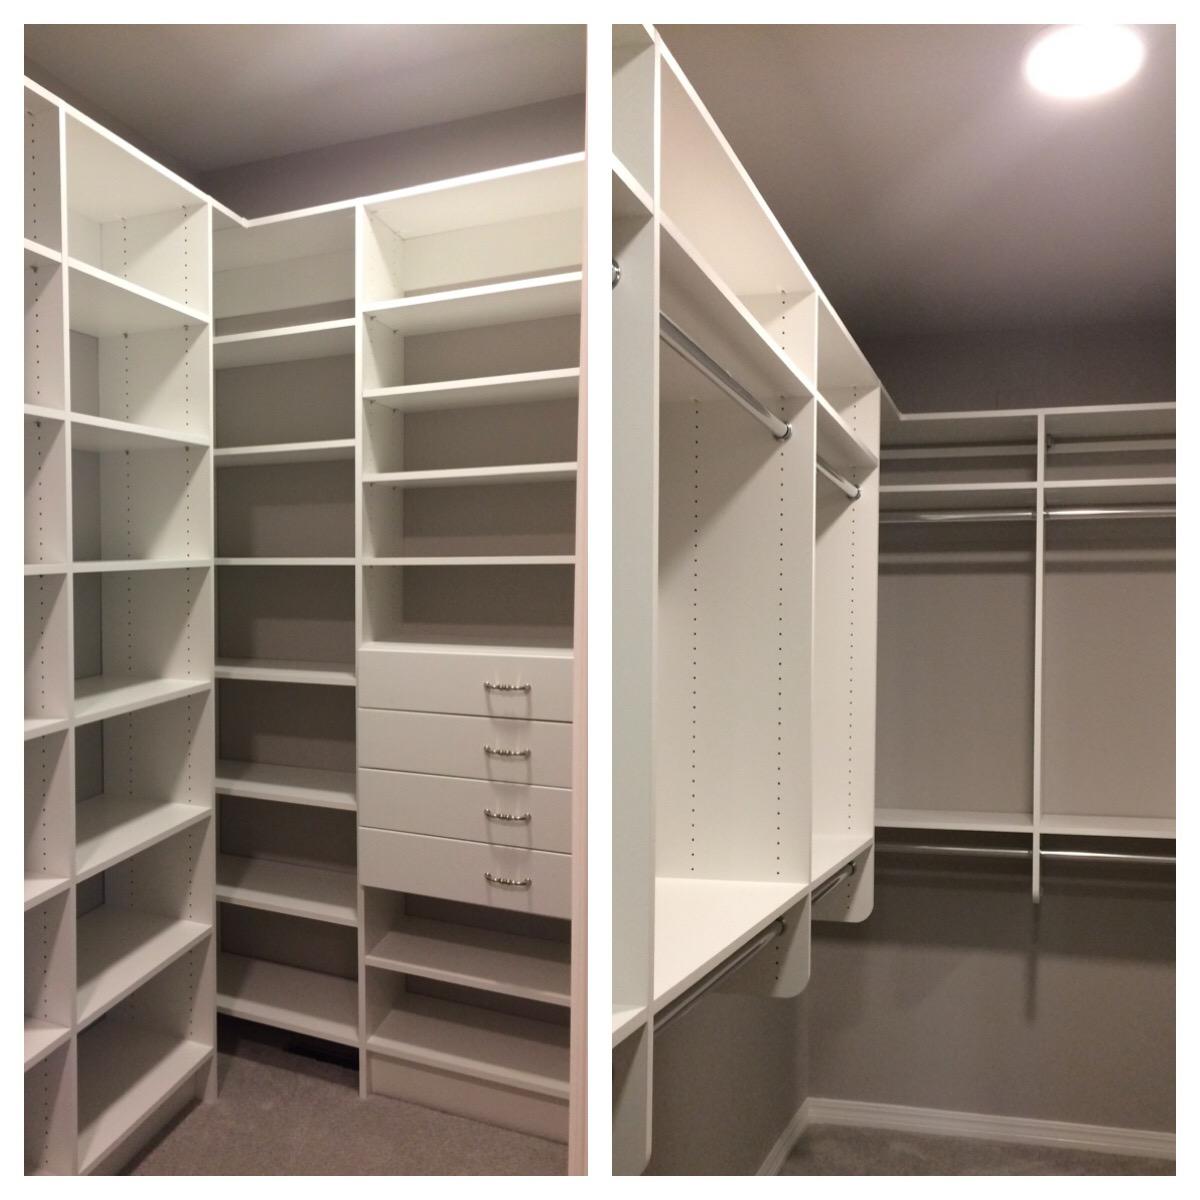 Custom closet lighting and custom closet shelving system, South Tulsa